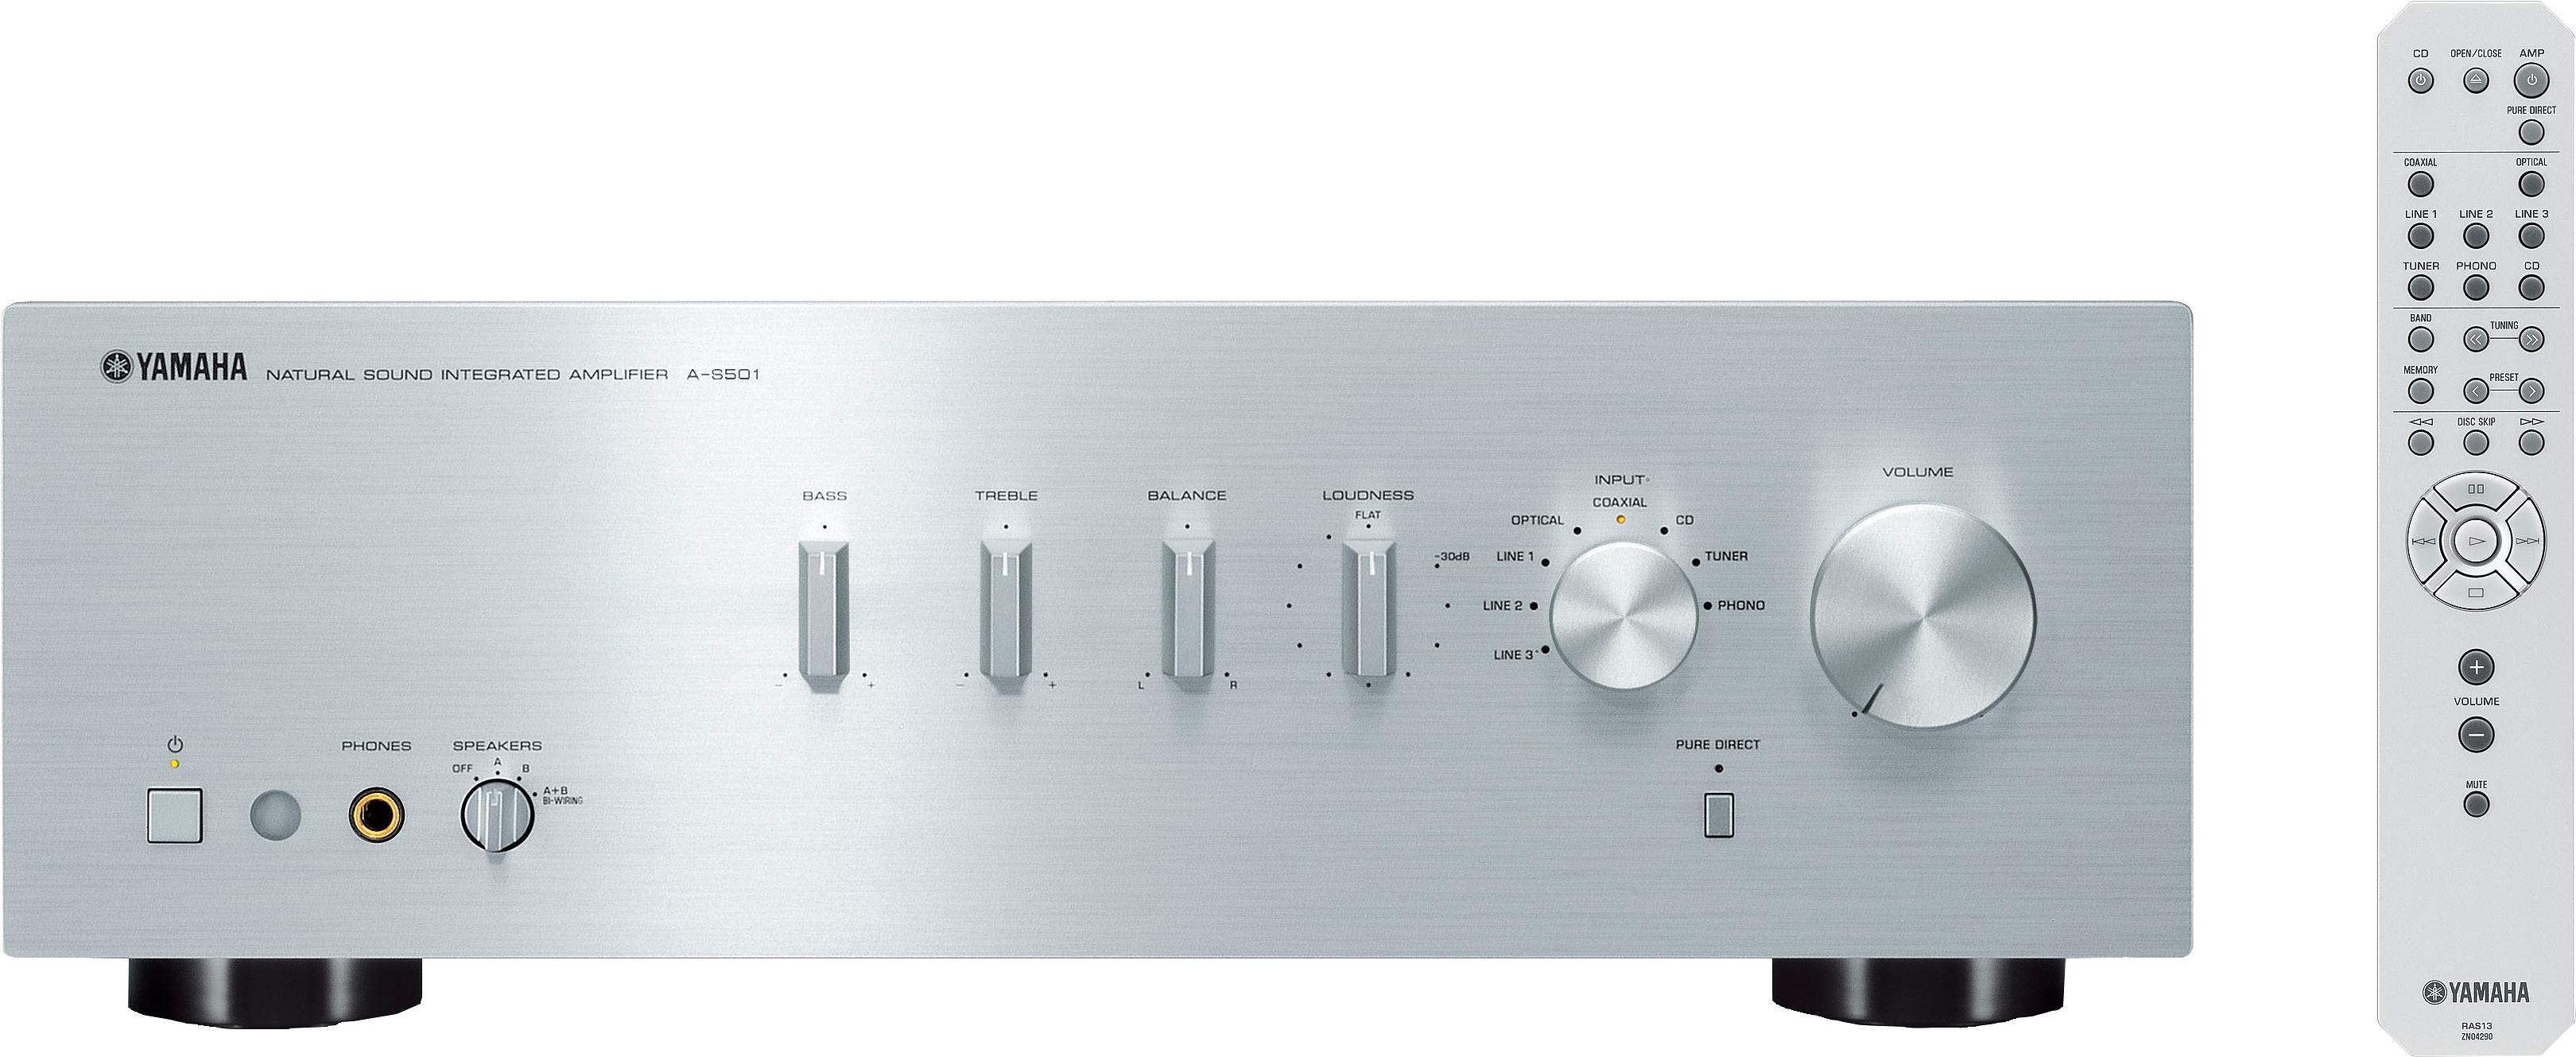 Yamaha A-S501 stereo-versterker - verschillende betaalmethodes